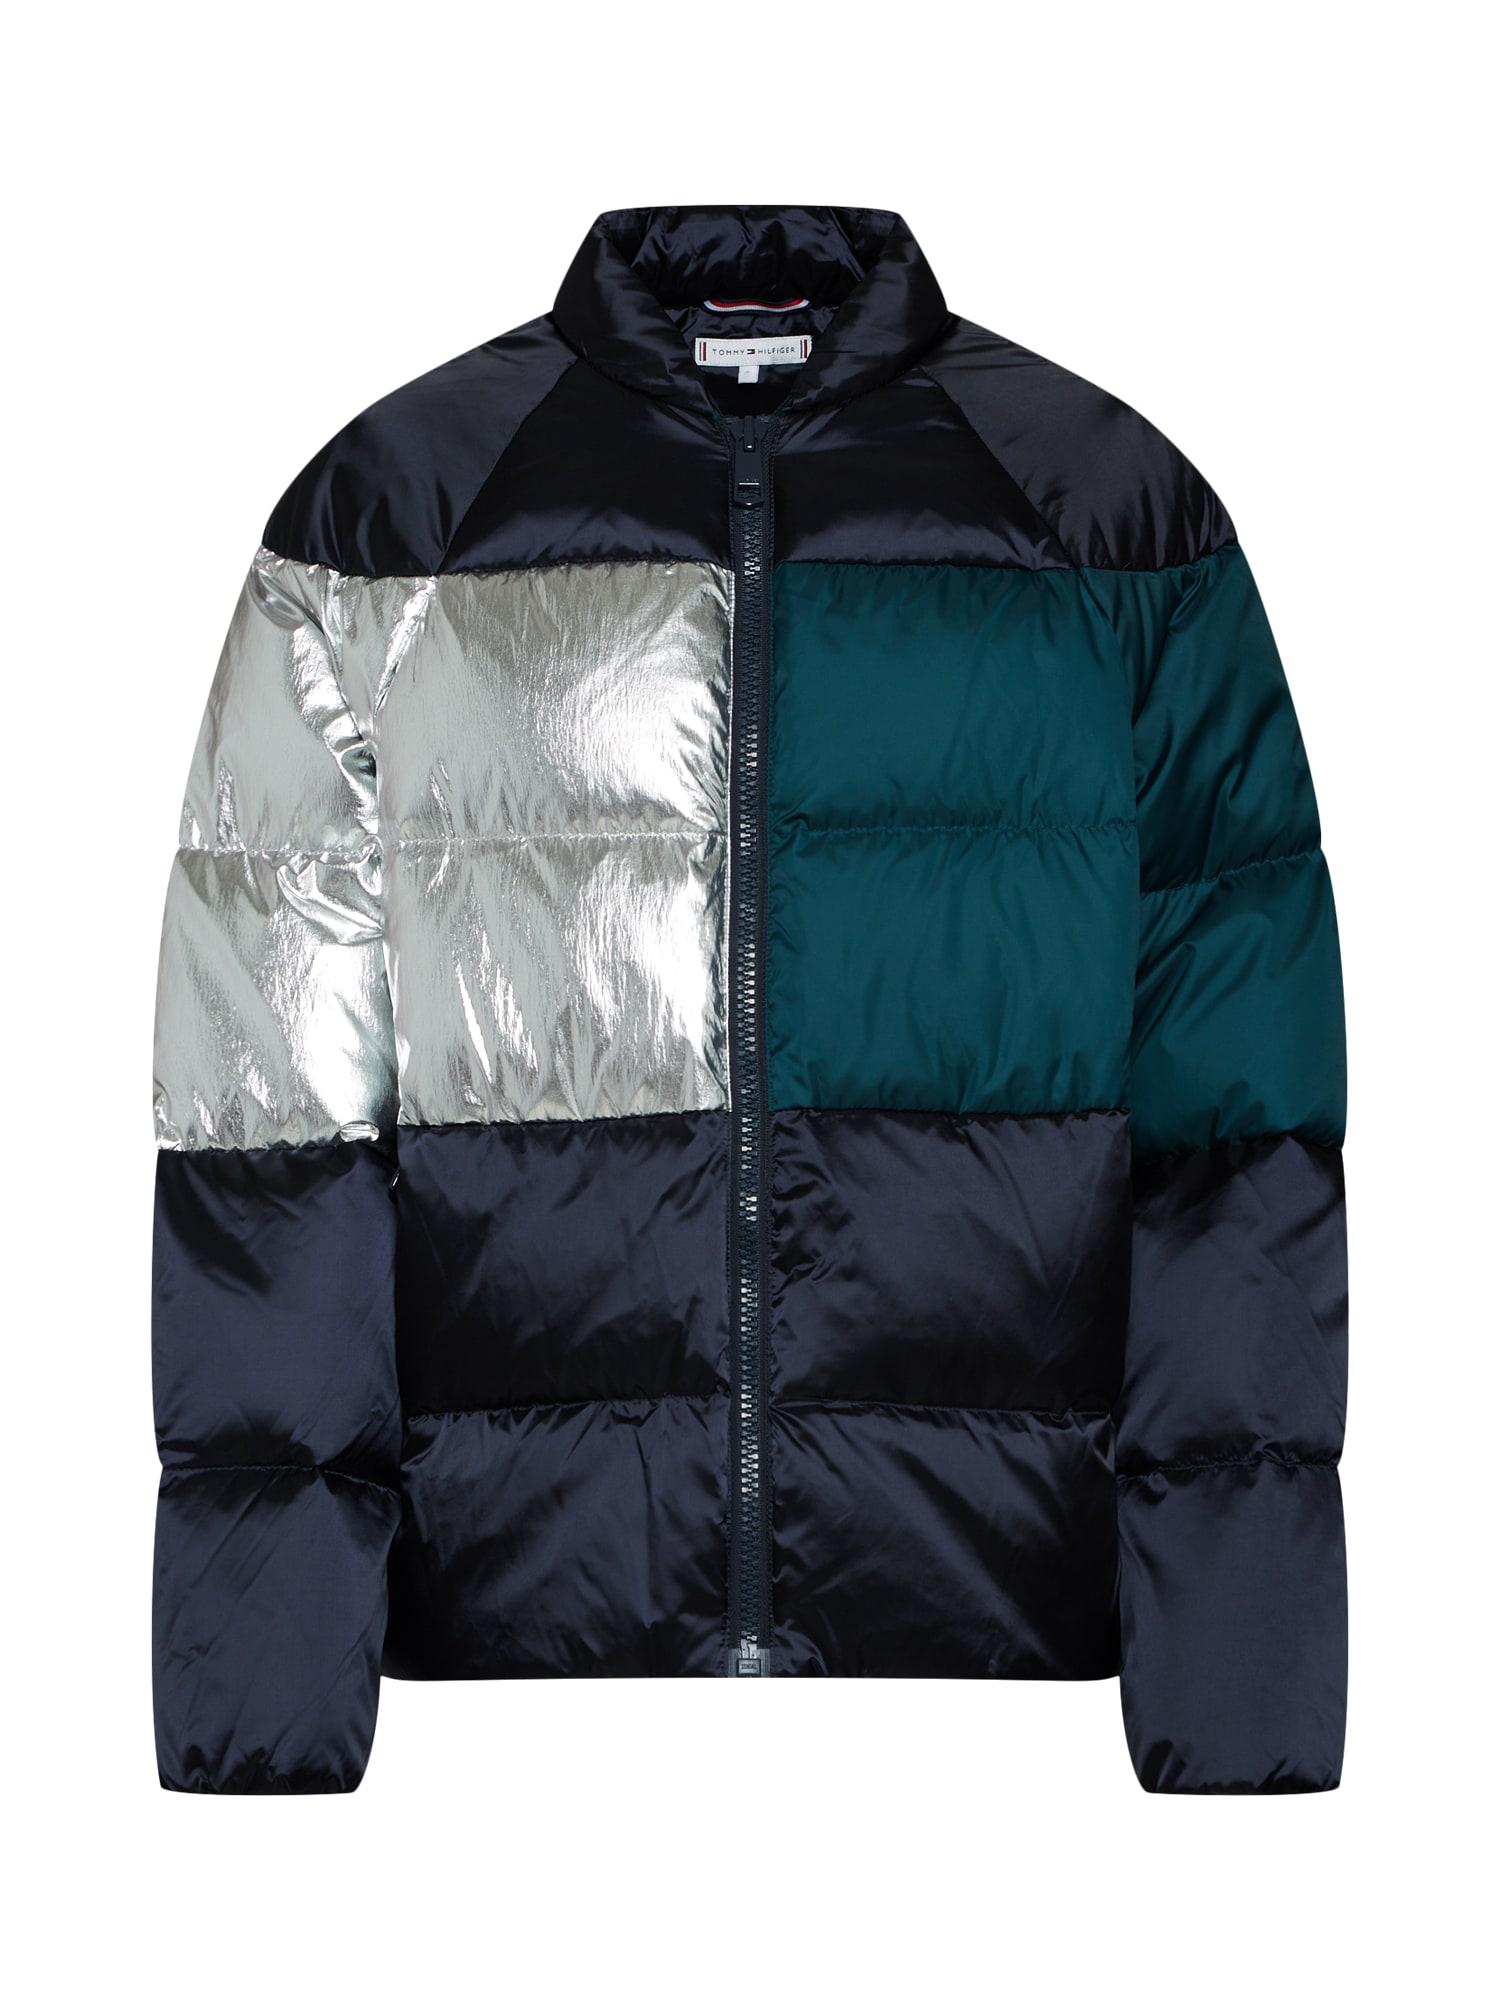 Zimní bunda BARDOT námořnická modř smaragdová stříbrná TOMMY HILFIGER